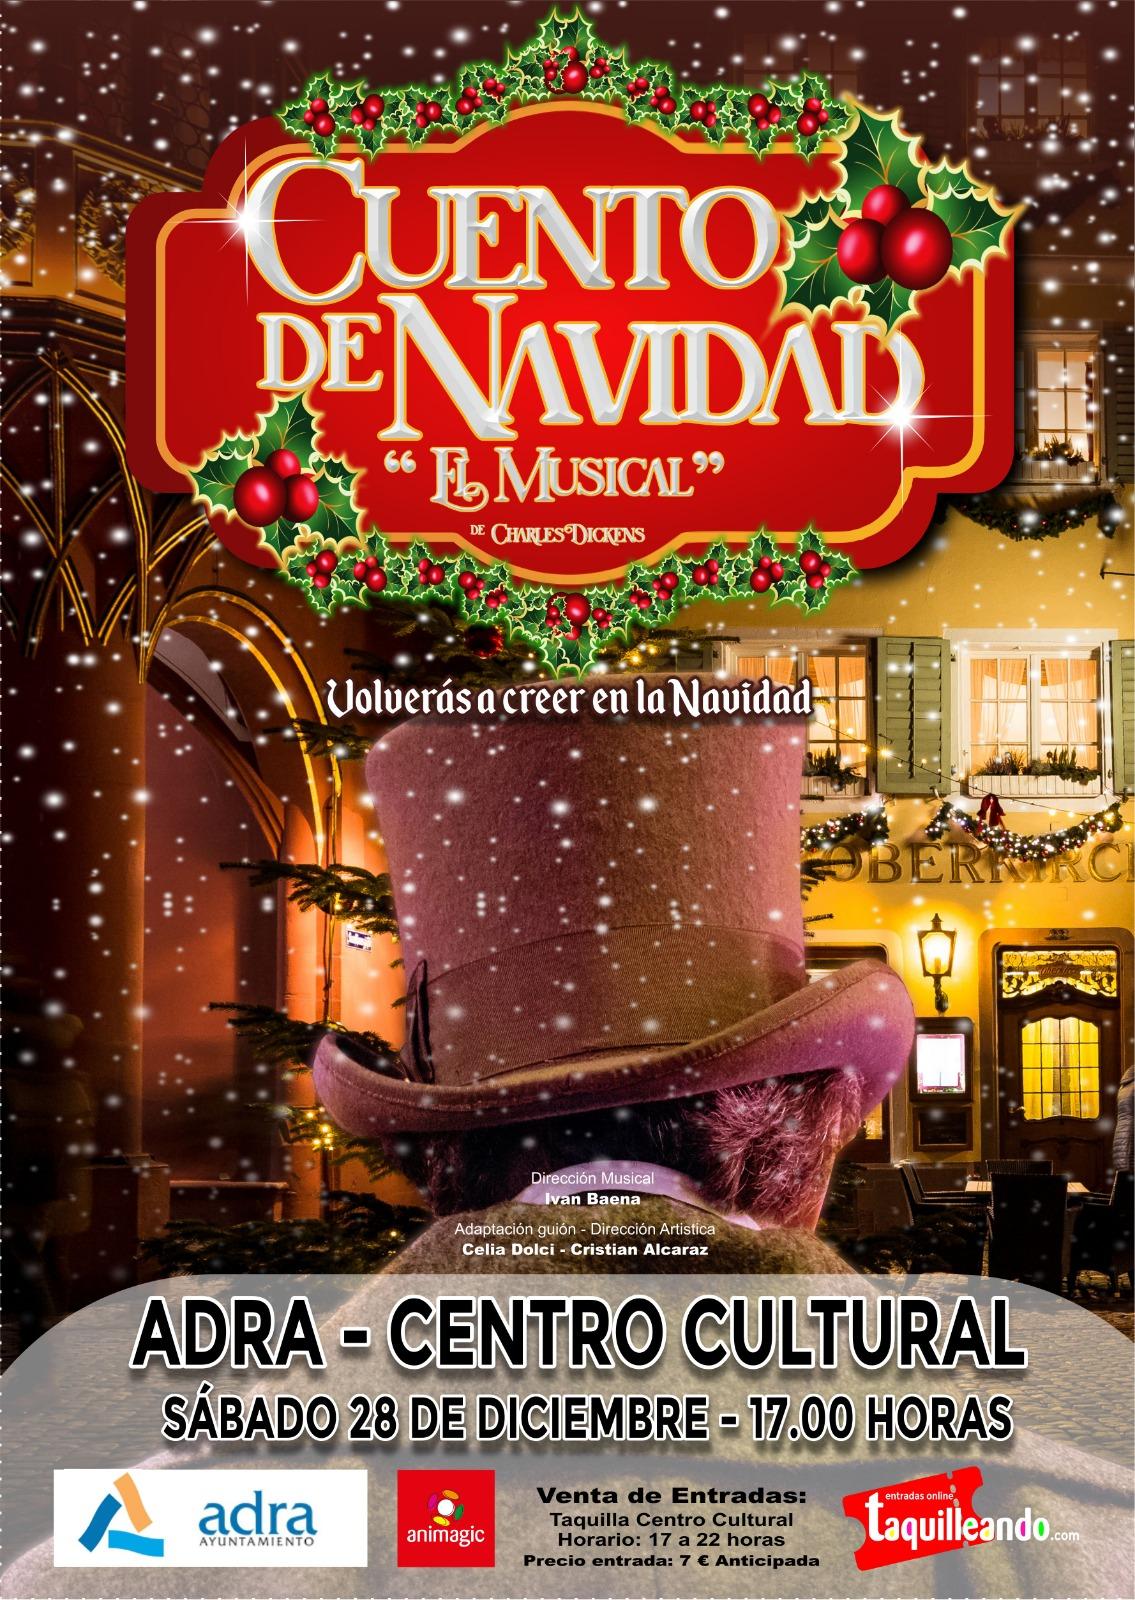 Photo of El famoso 'Cuento de Navidad. El Musical', de Charles Dickens llega a Adra este sábado